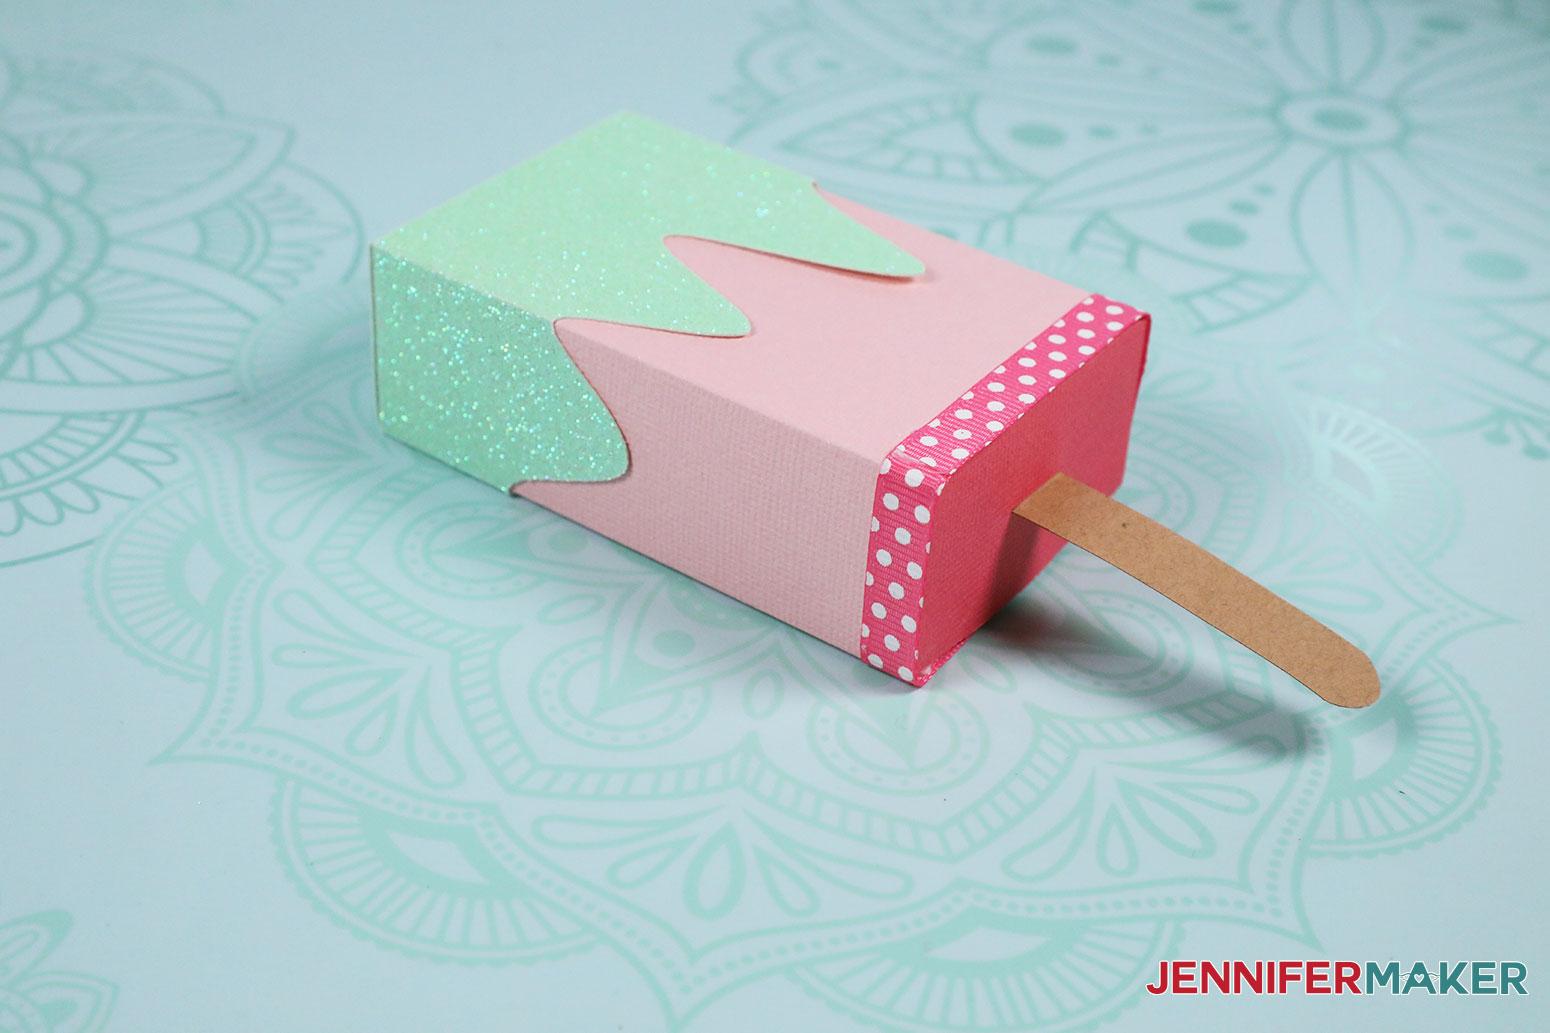 Popsicle box by JenniferMaker